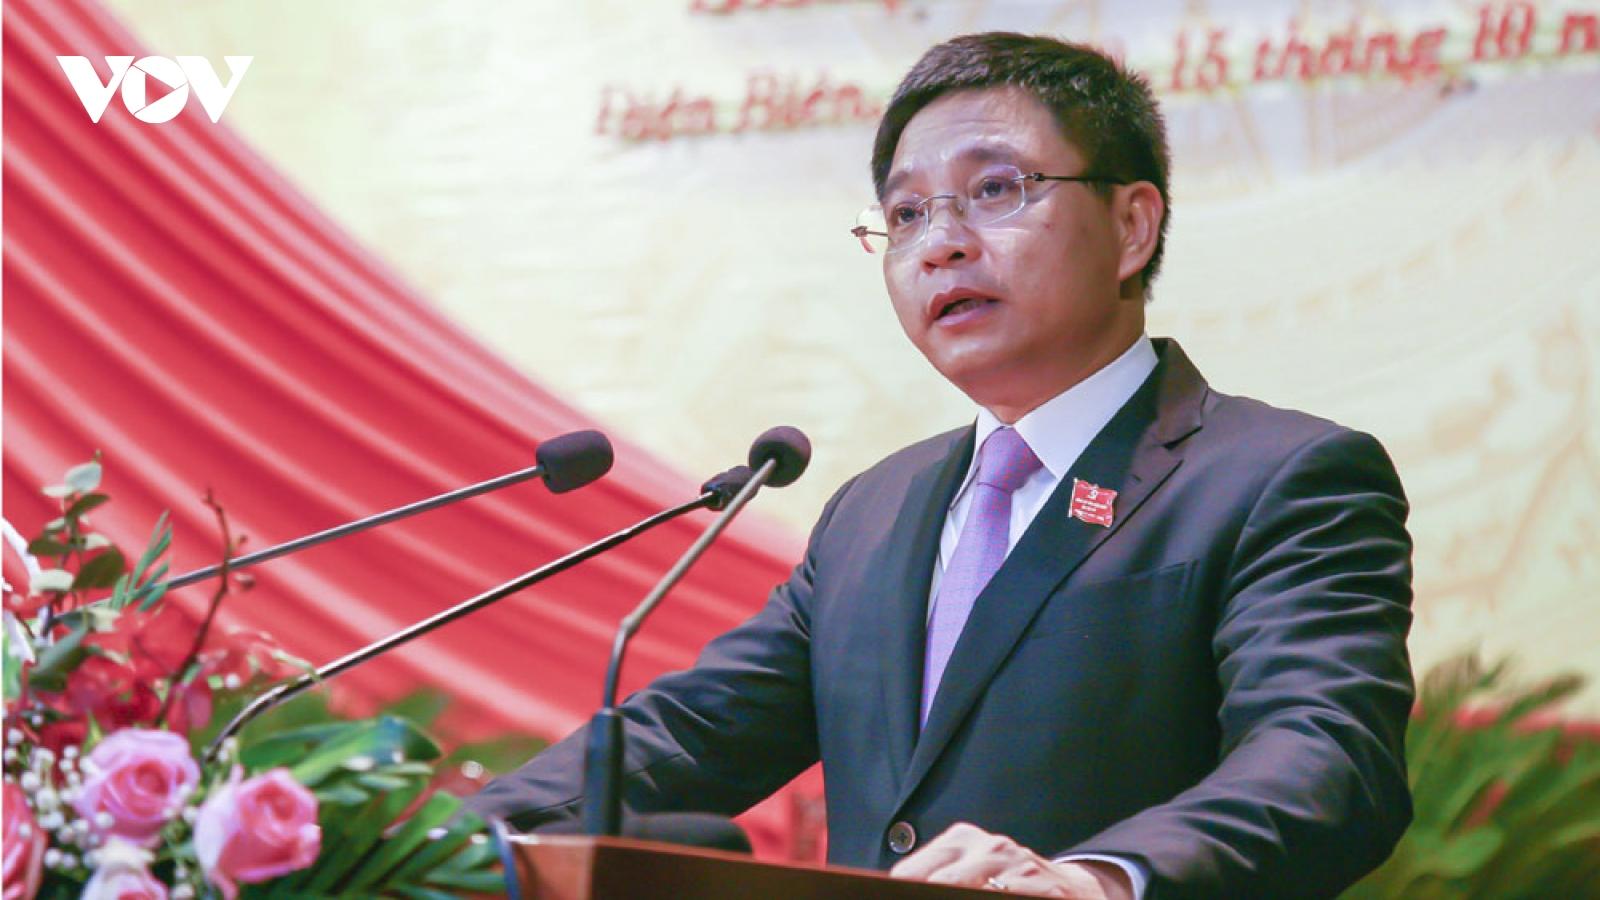 Ông Nguyễn Văn Thắng trúng cử Bí thư Tỉnh ủy Điện Biênvới số phiếu tuyệt đối